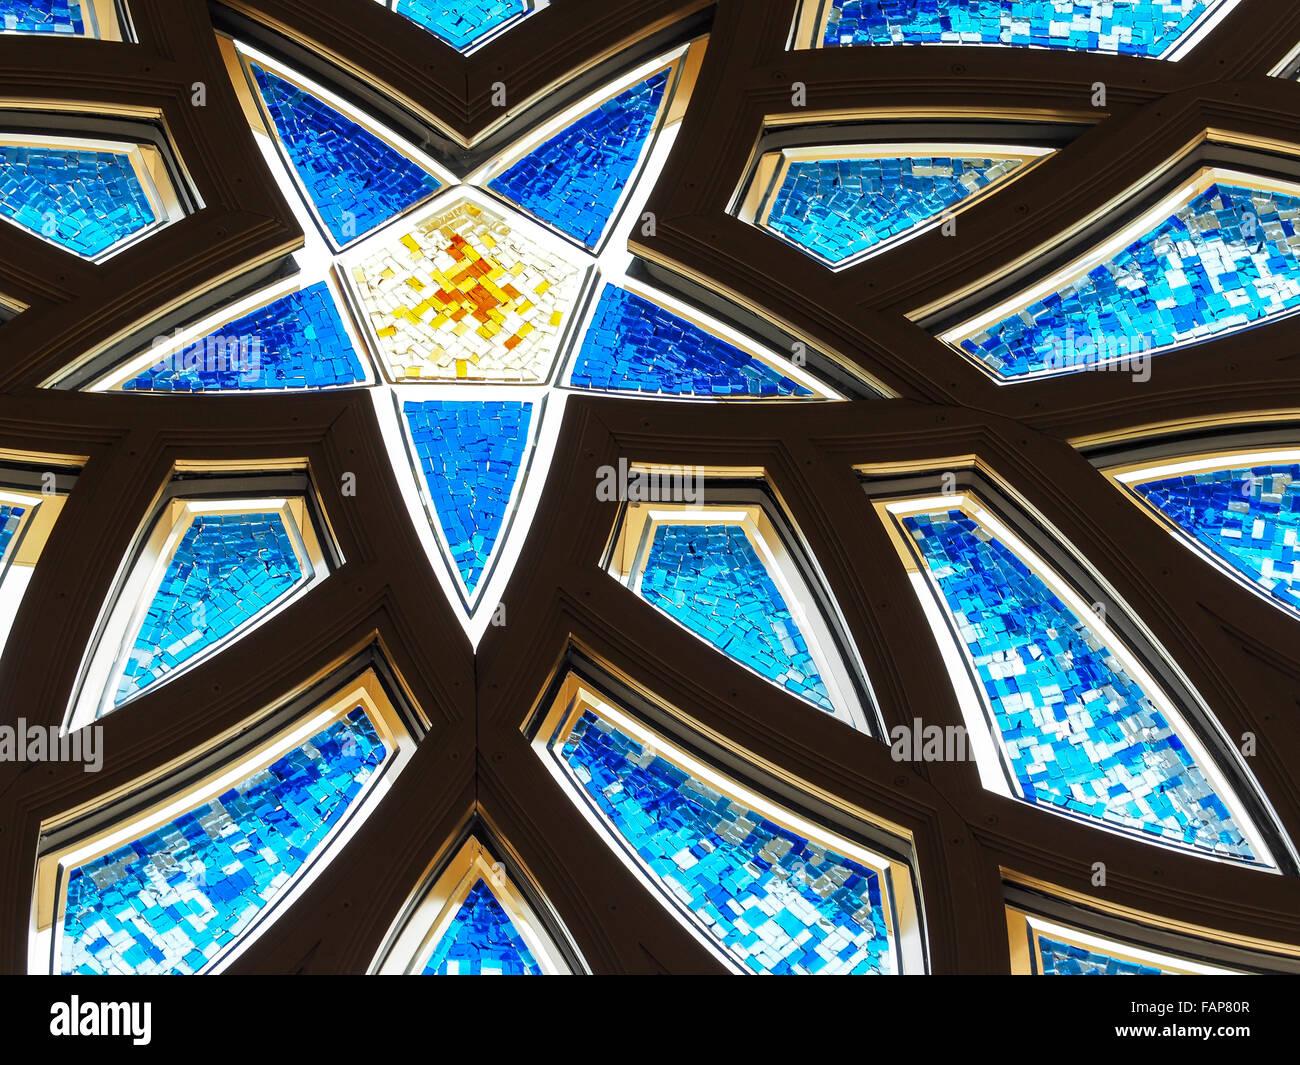 Sheikh Zayed Mosque, Abu Dhabi, United Arab Emirates - Stock Image